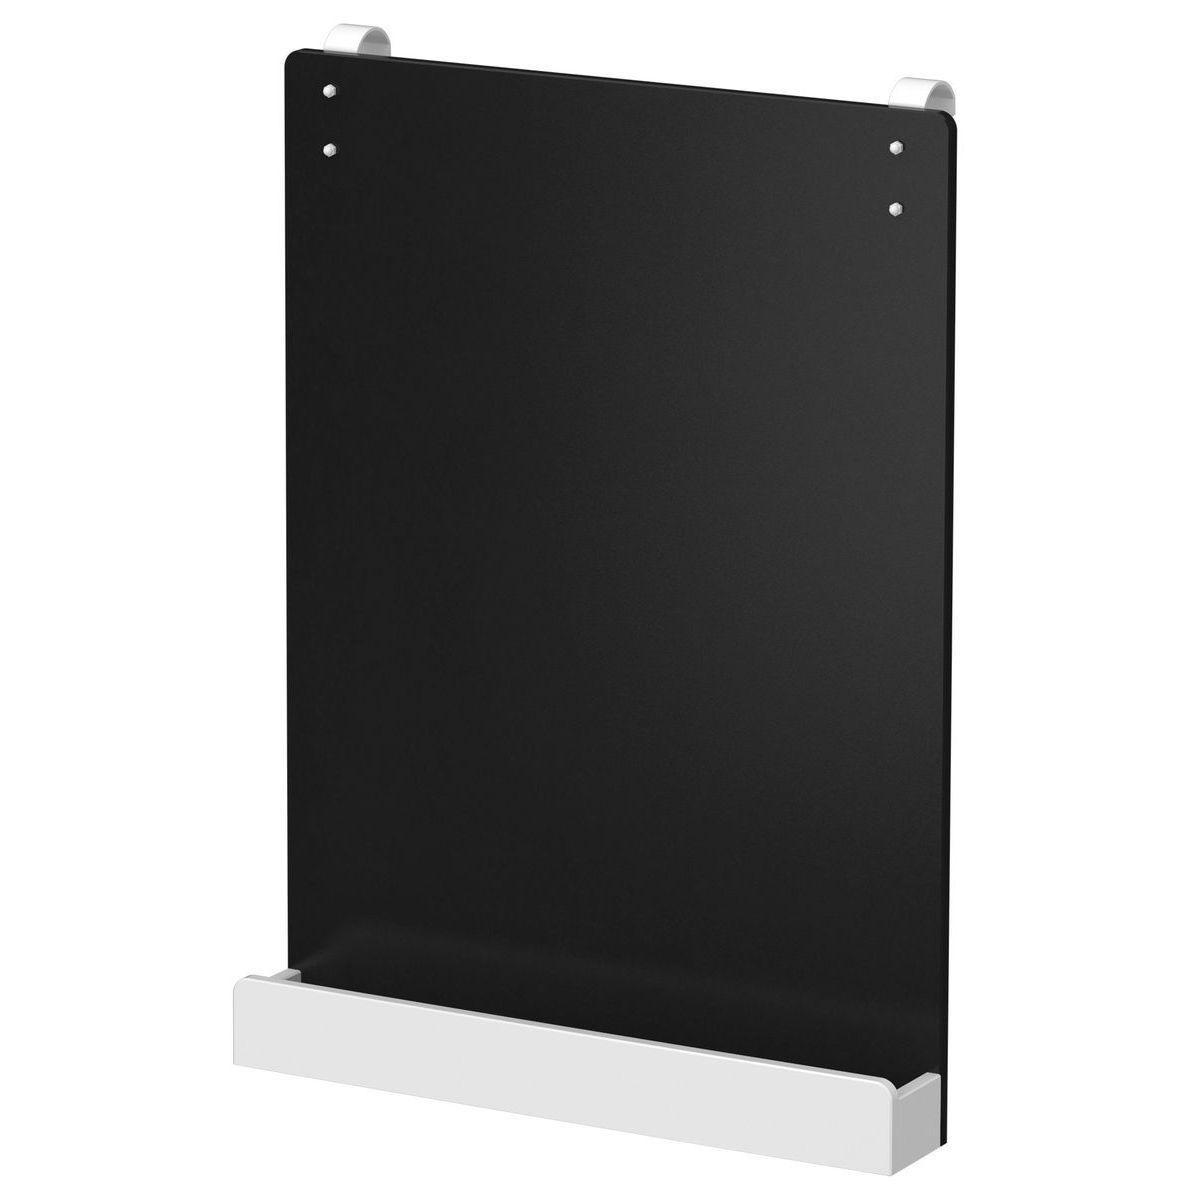 Tafel für White Betten oder Wandbefestigung CLICKON by Flexa